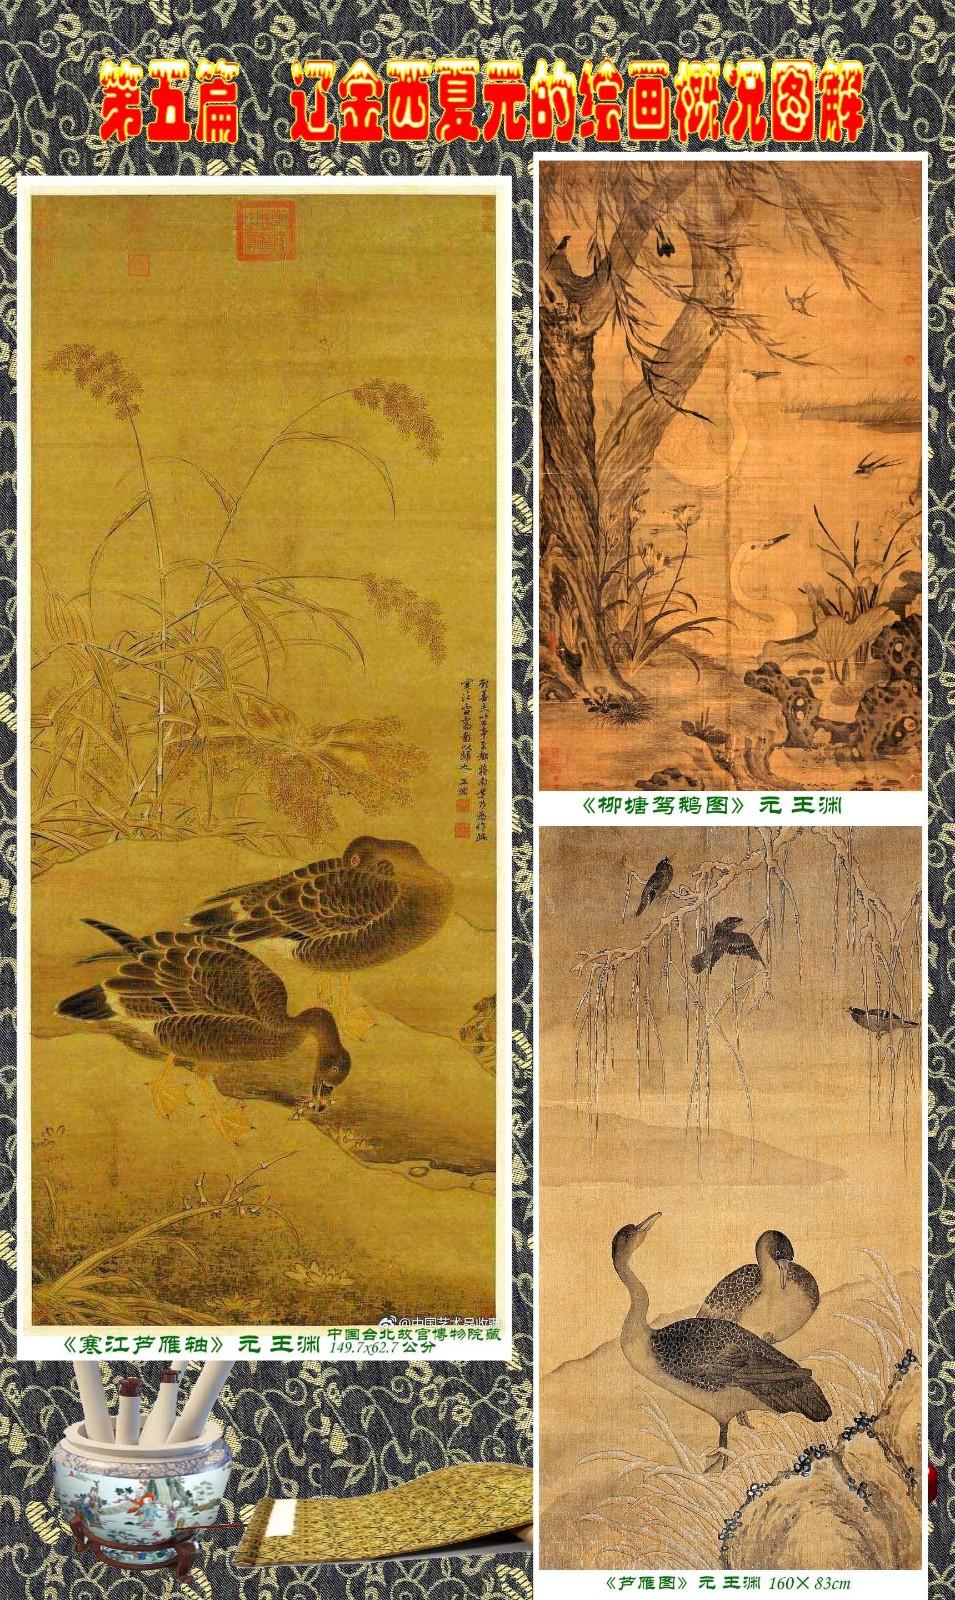 顾绍骅编辑 中国画知识普及版 第五篇 辽金西夏元的绘画概况 下 ... ..._图1-67